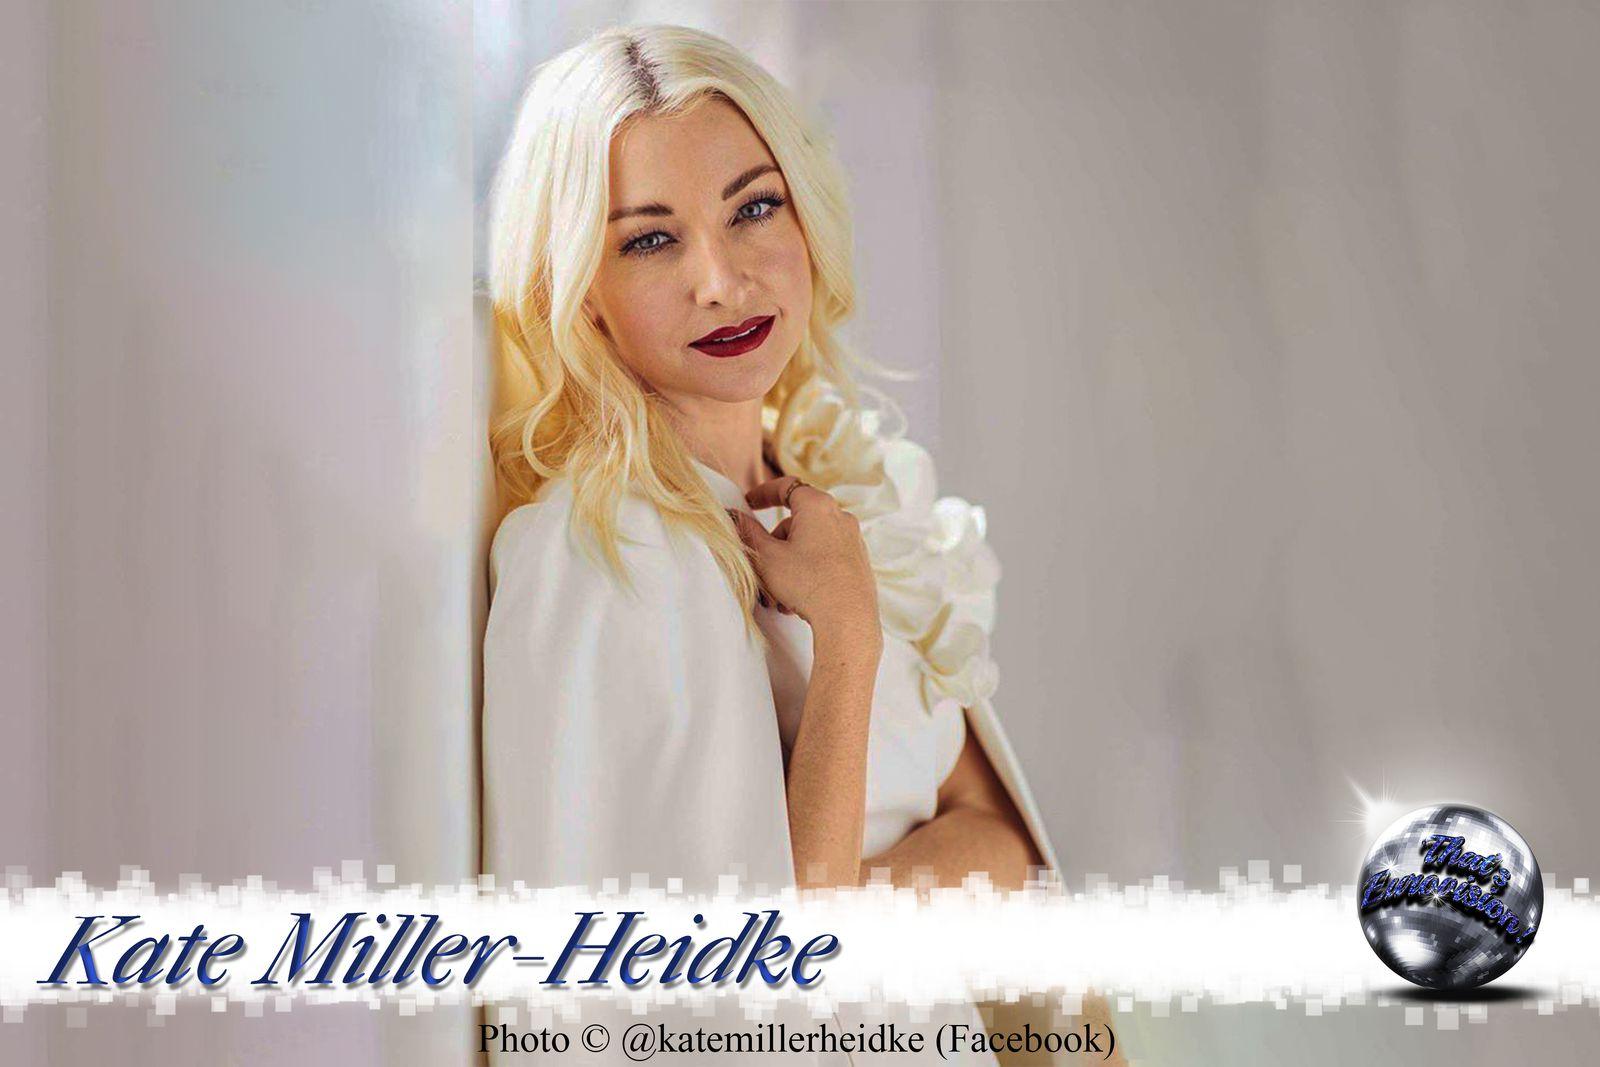 Kate Miller-Heidke - This Is Not Forever (2020)